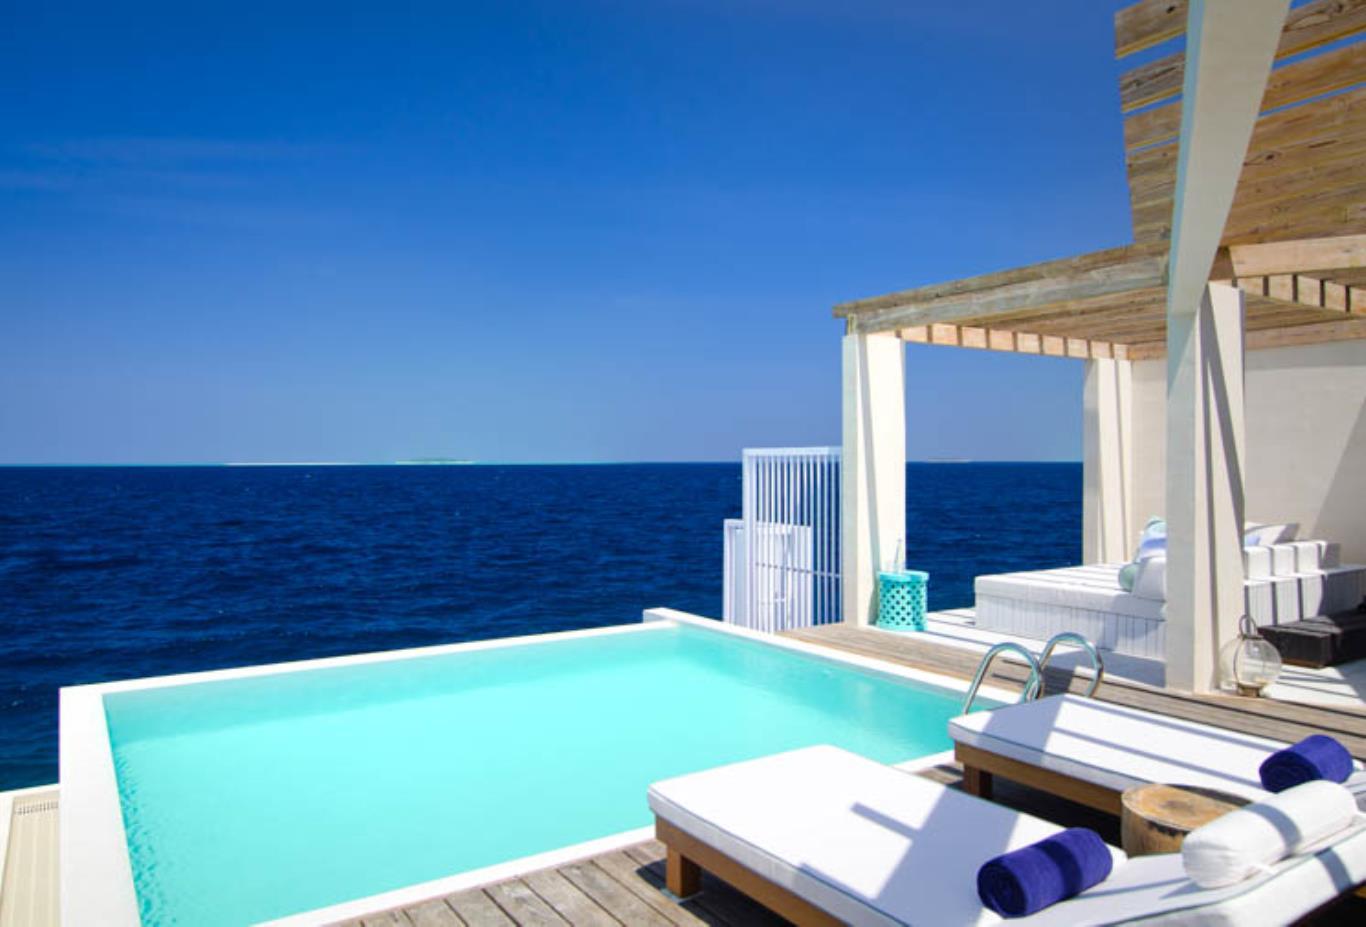 Ocean House Pool